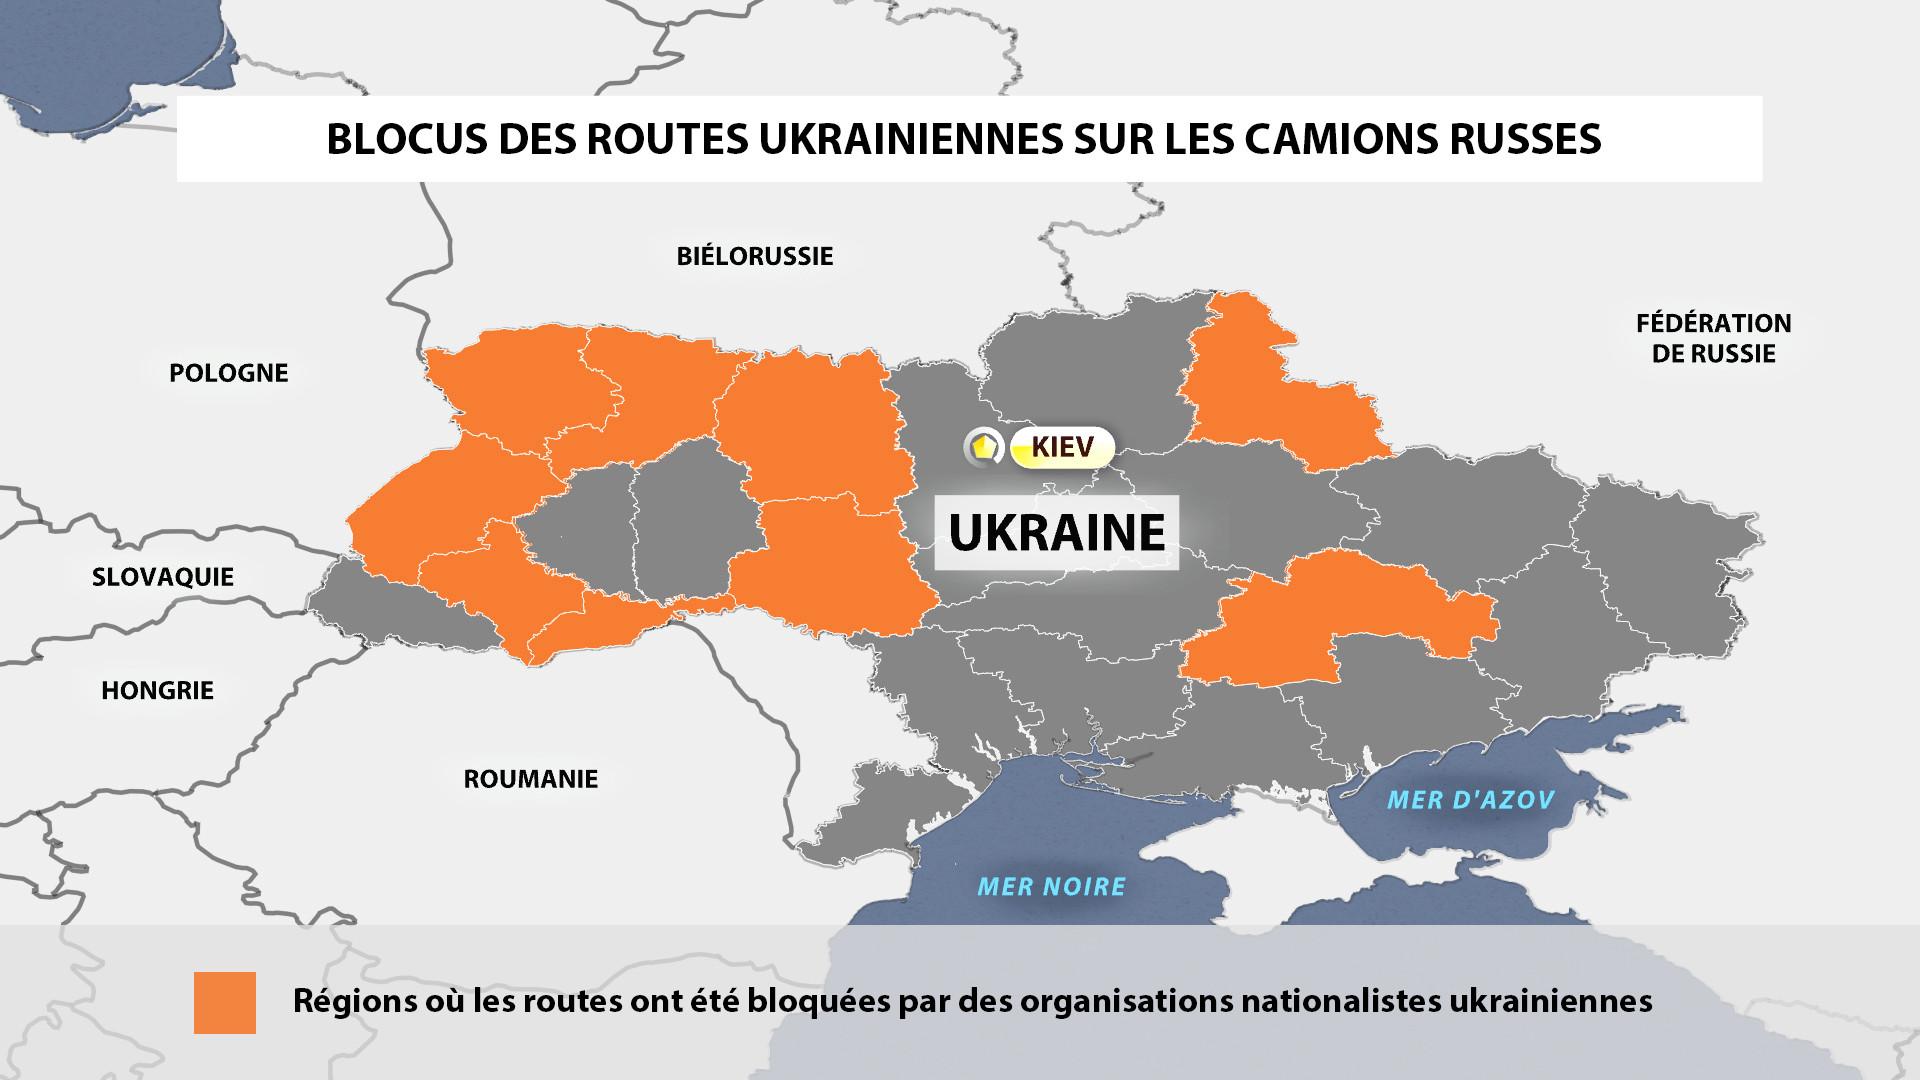 Poids lourds russes interdits de transit en Ukraine : une nouvelle dimension de la crise en images